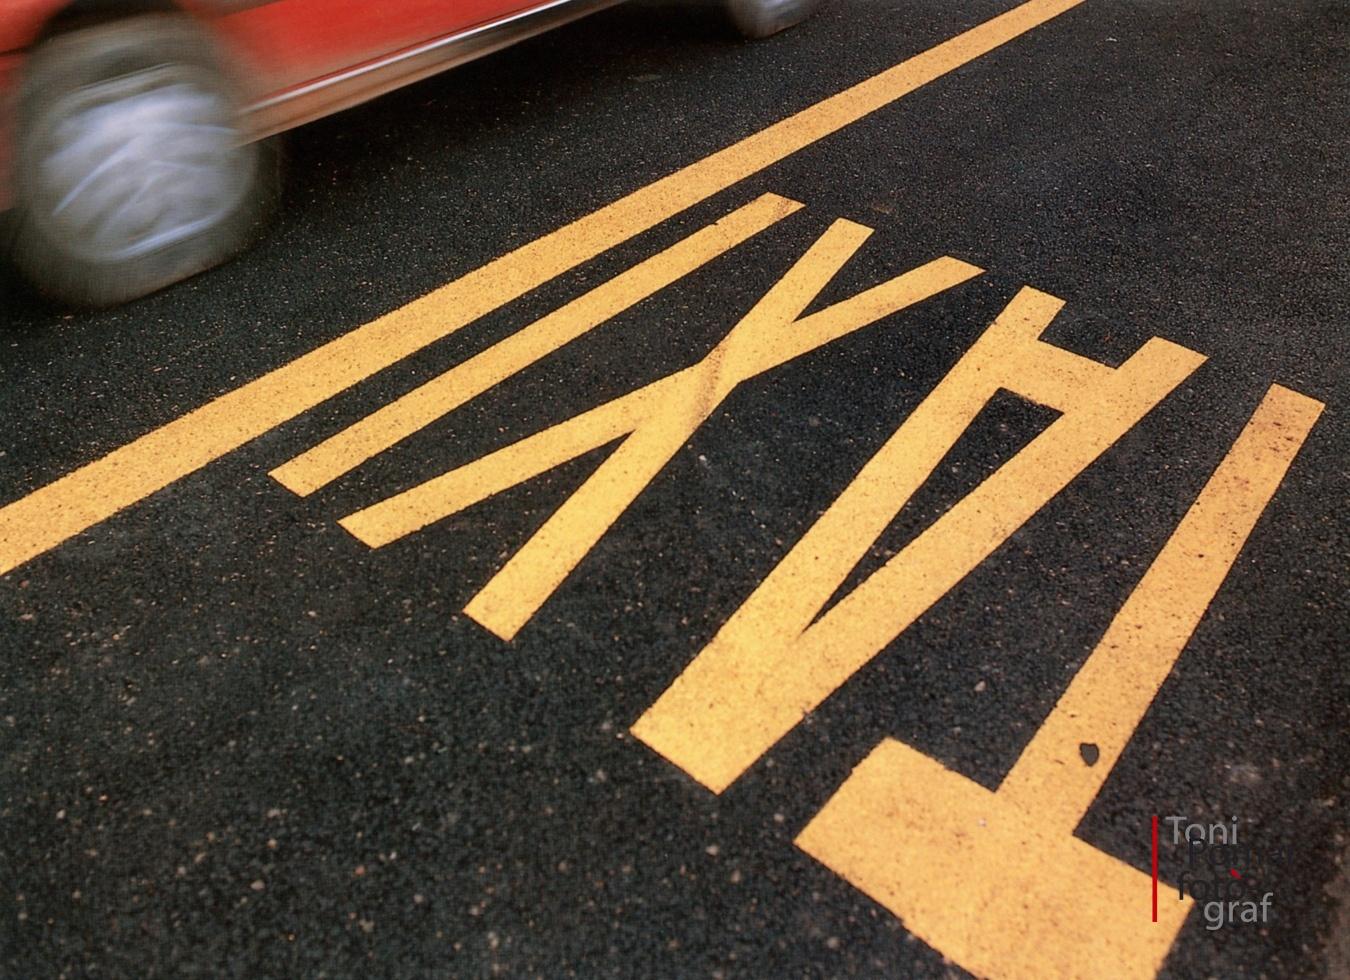 Fang amb cotxes de lloguer, taxis que porten viatgers decrèpits - Eivissa as New York - Eivissa as New York